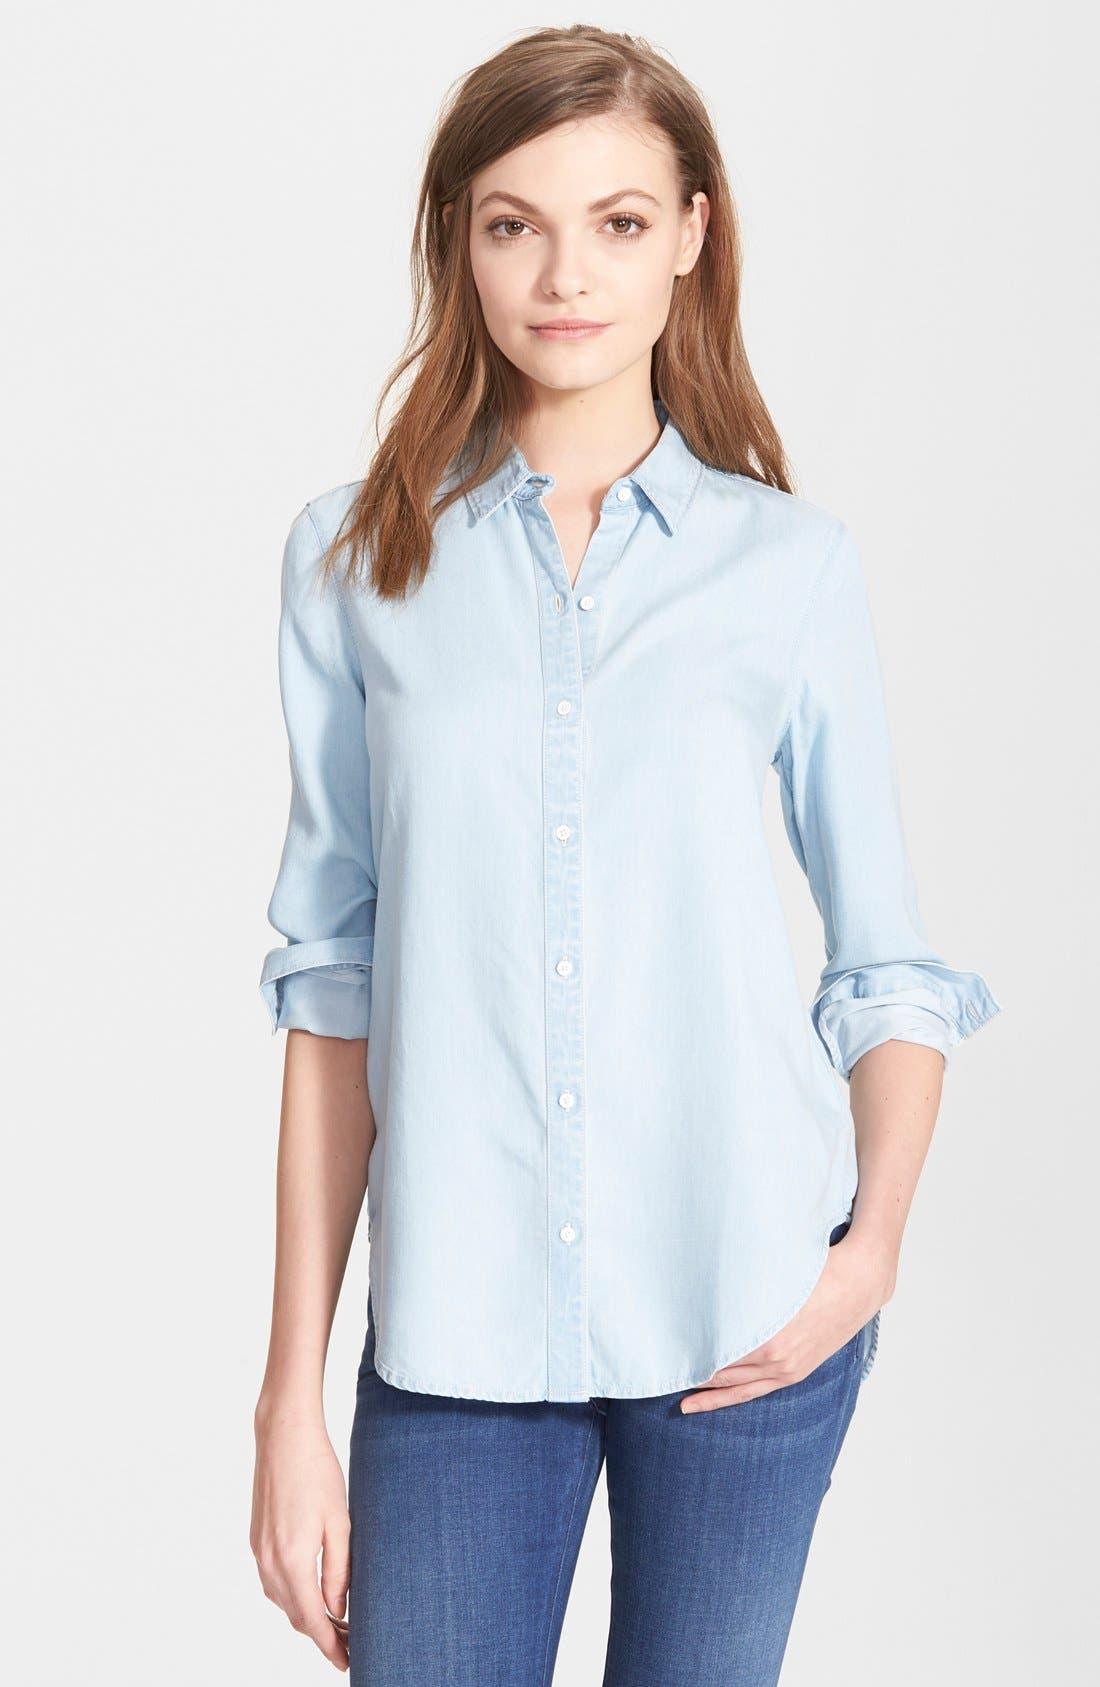 AYR 'The Clean' Shirt